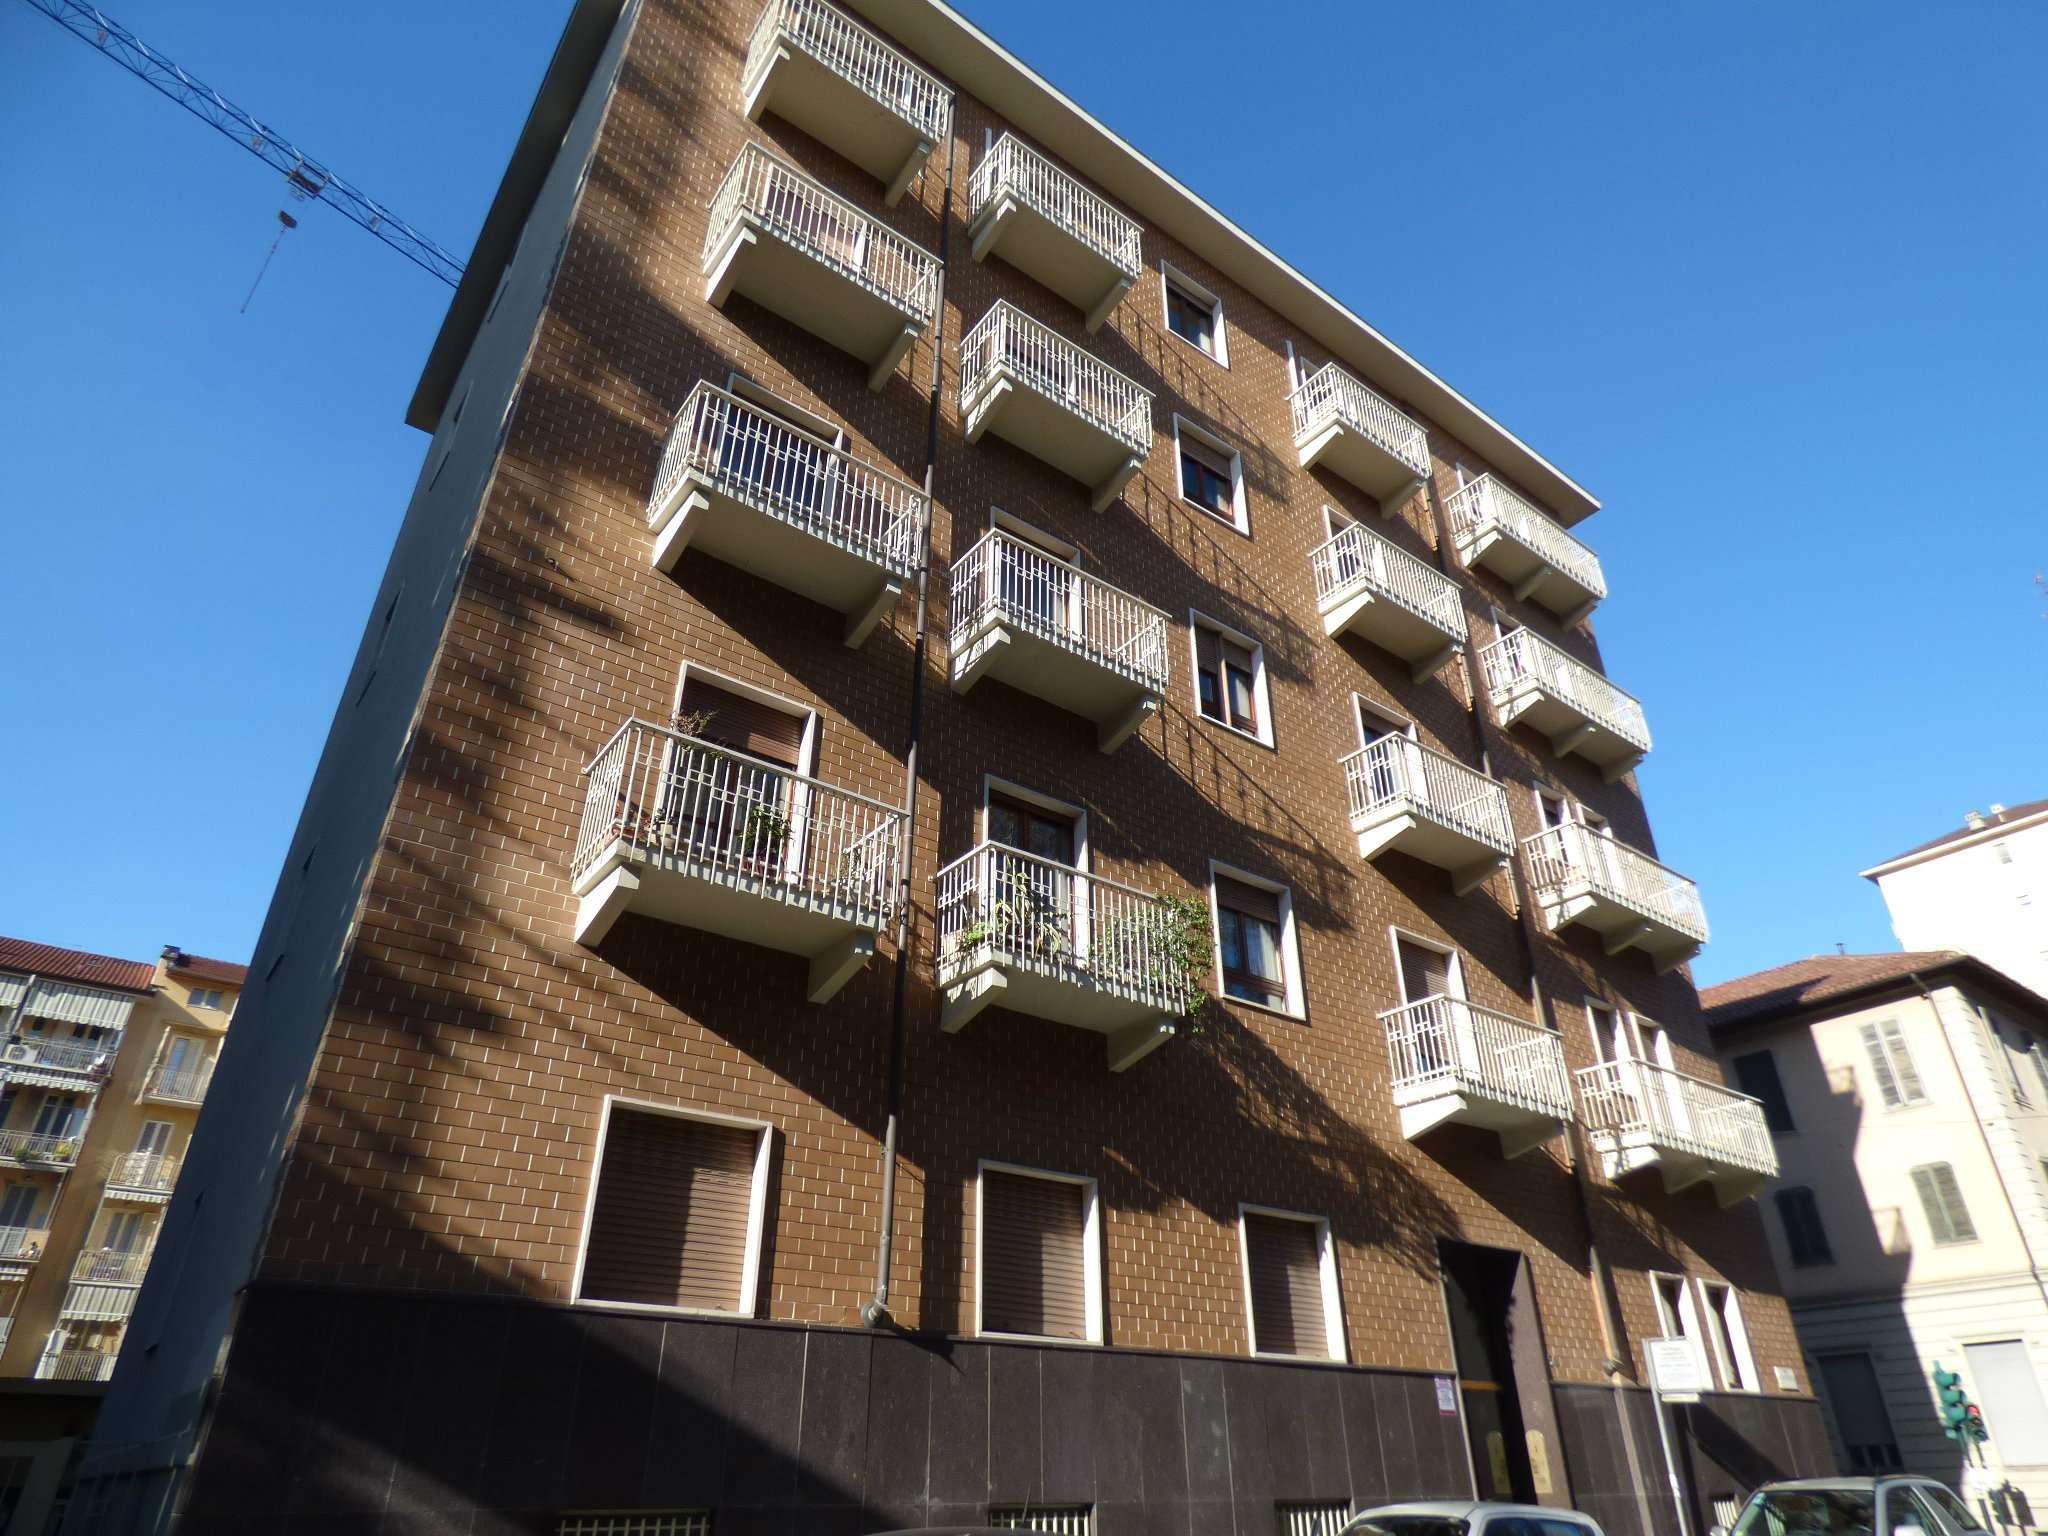 Ufficio in vendita Zona Crocetta, San Secondo - corso Duca degli Abruzzi 54 Torino